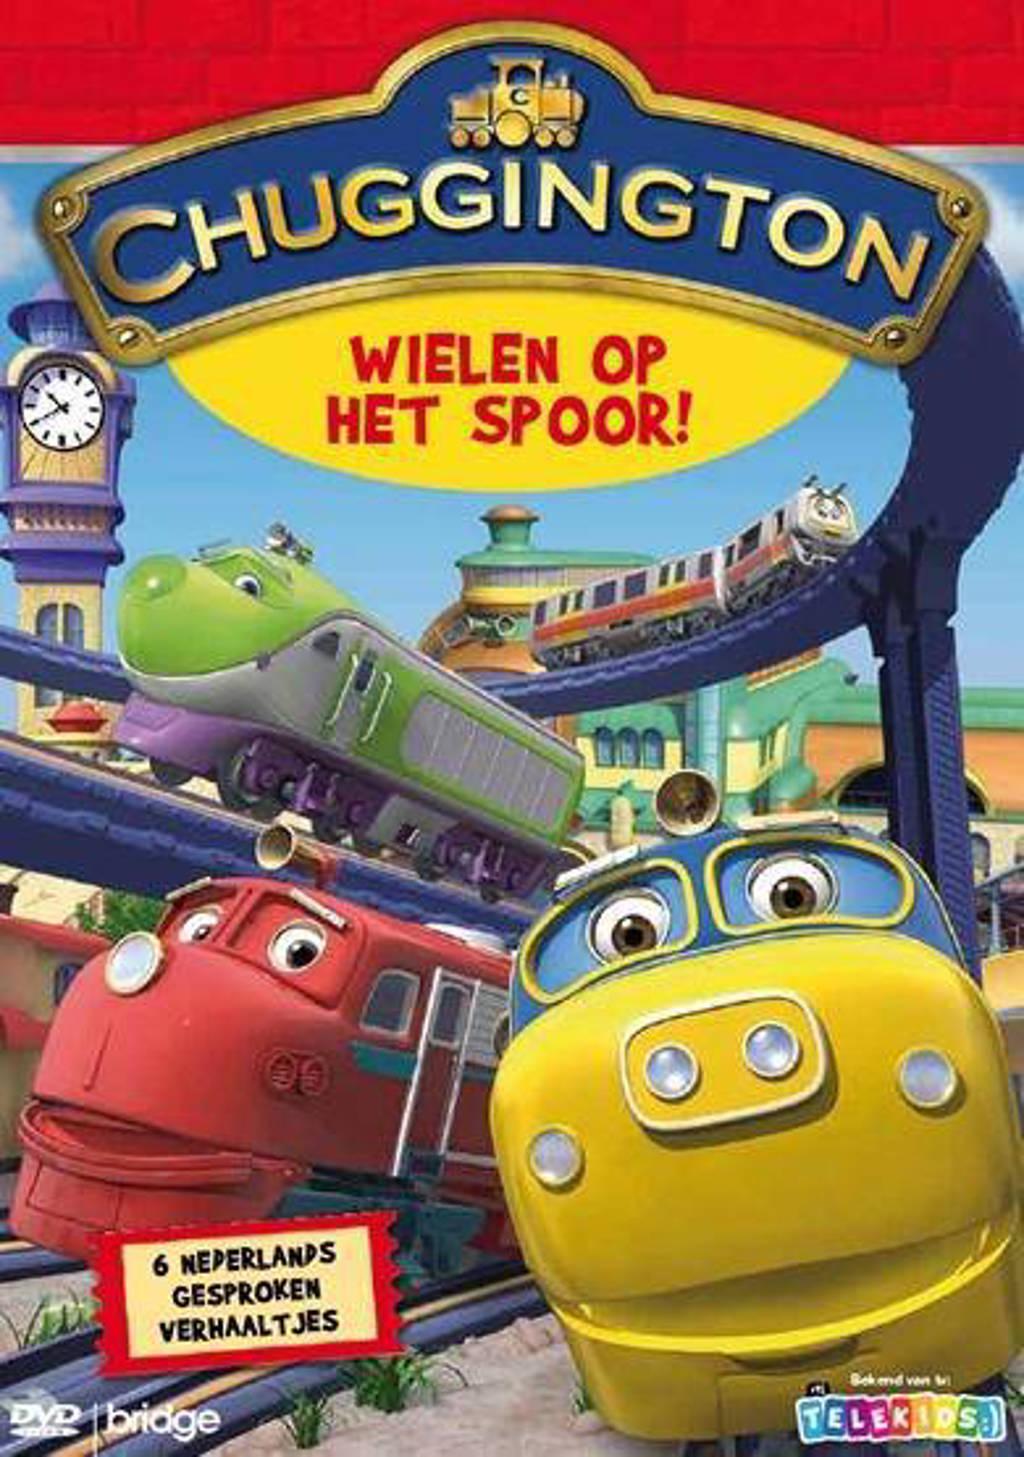 Chuggington - Wielen op het spoor (DVD)